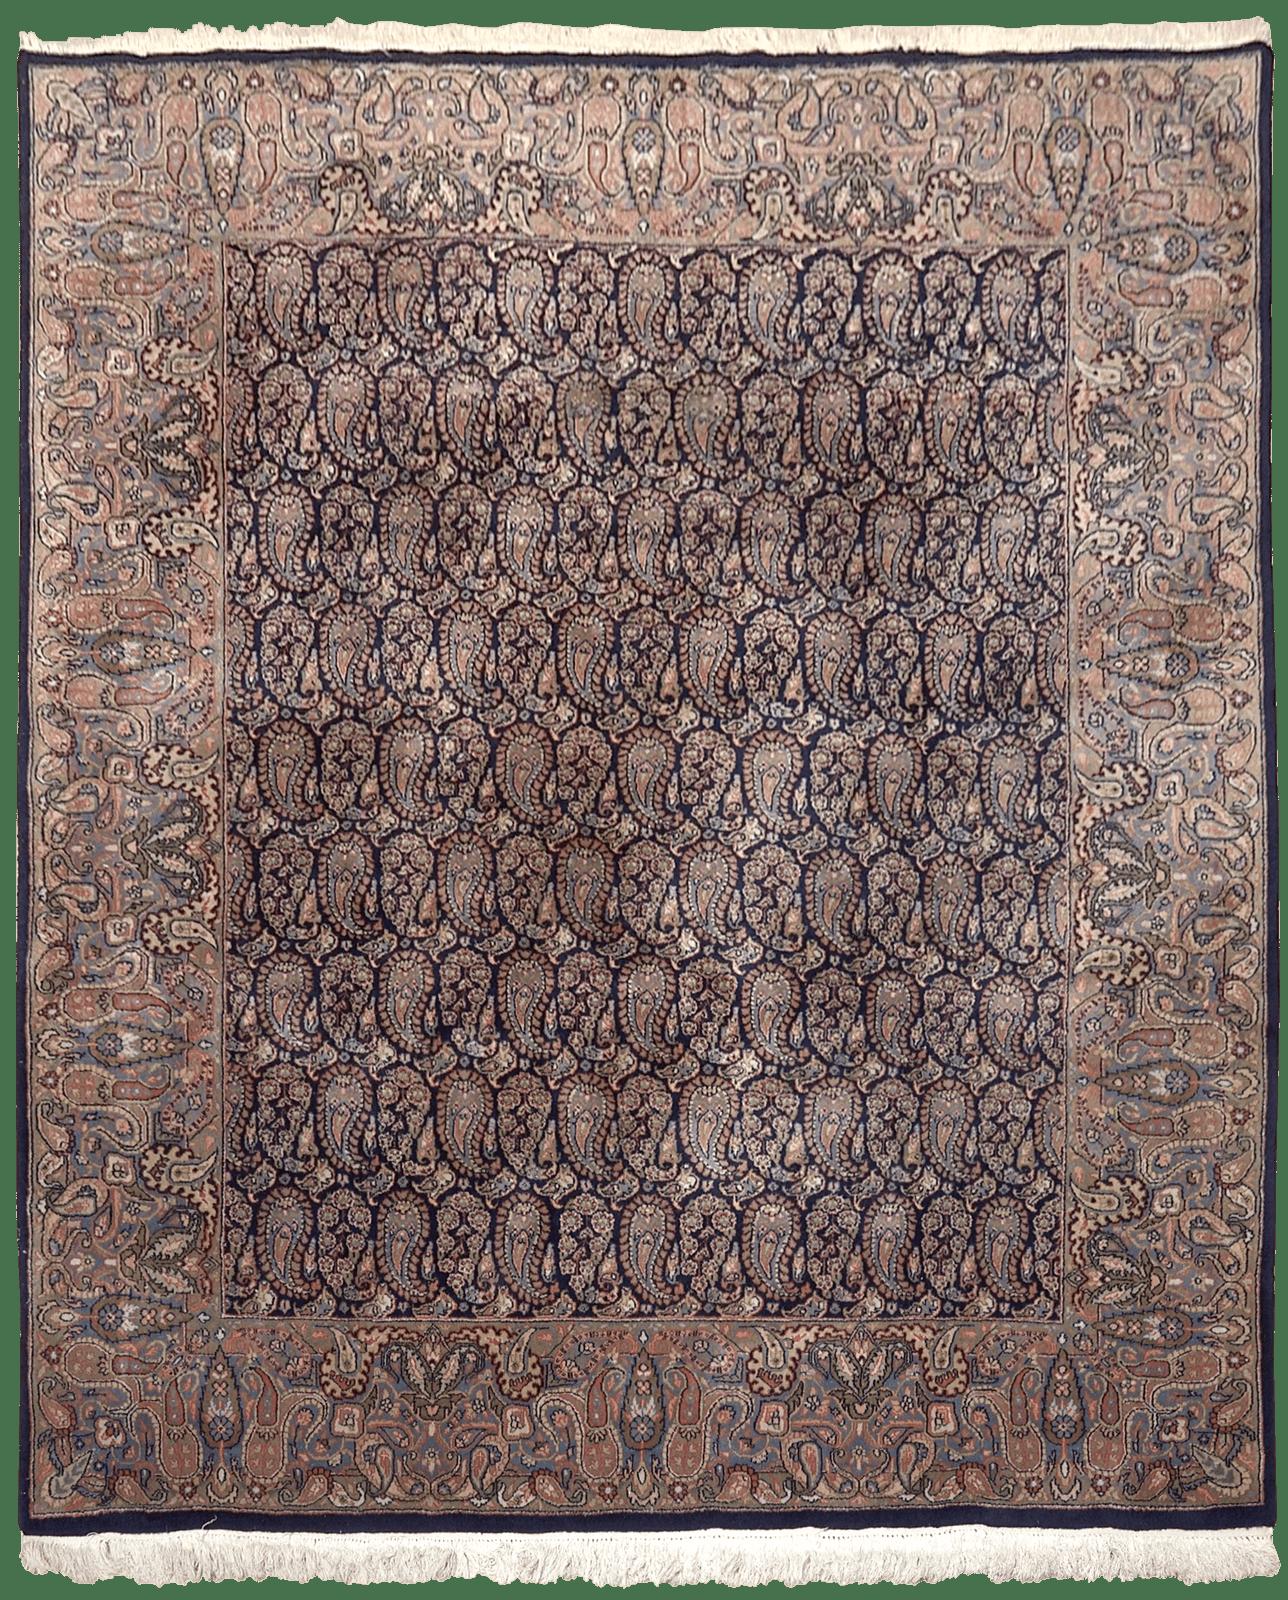 ghom-antiek-tapijt-oosterse-perzische-tapijten-exclusieve-luxe-vloerkleden-koreman-maastricht